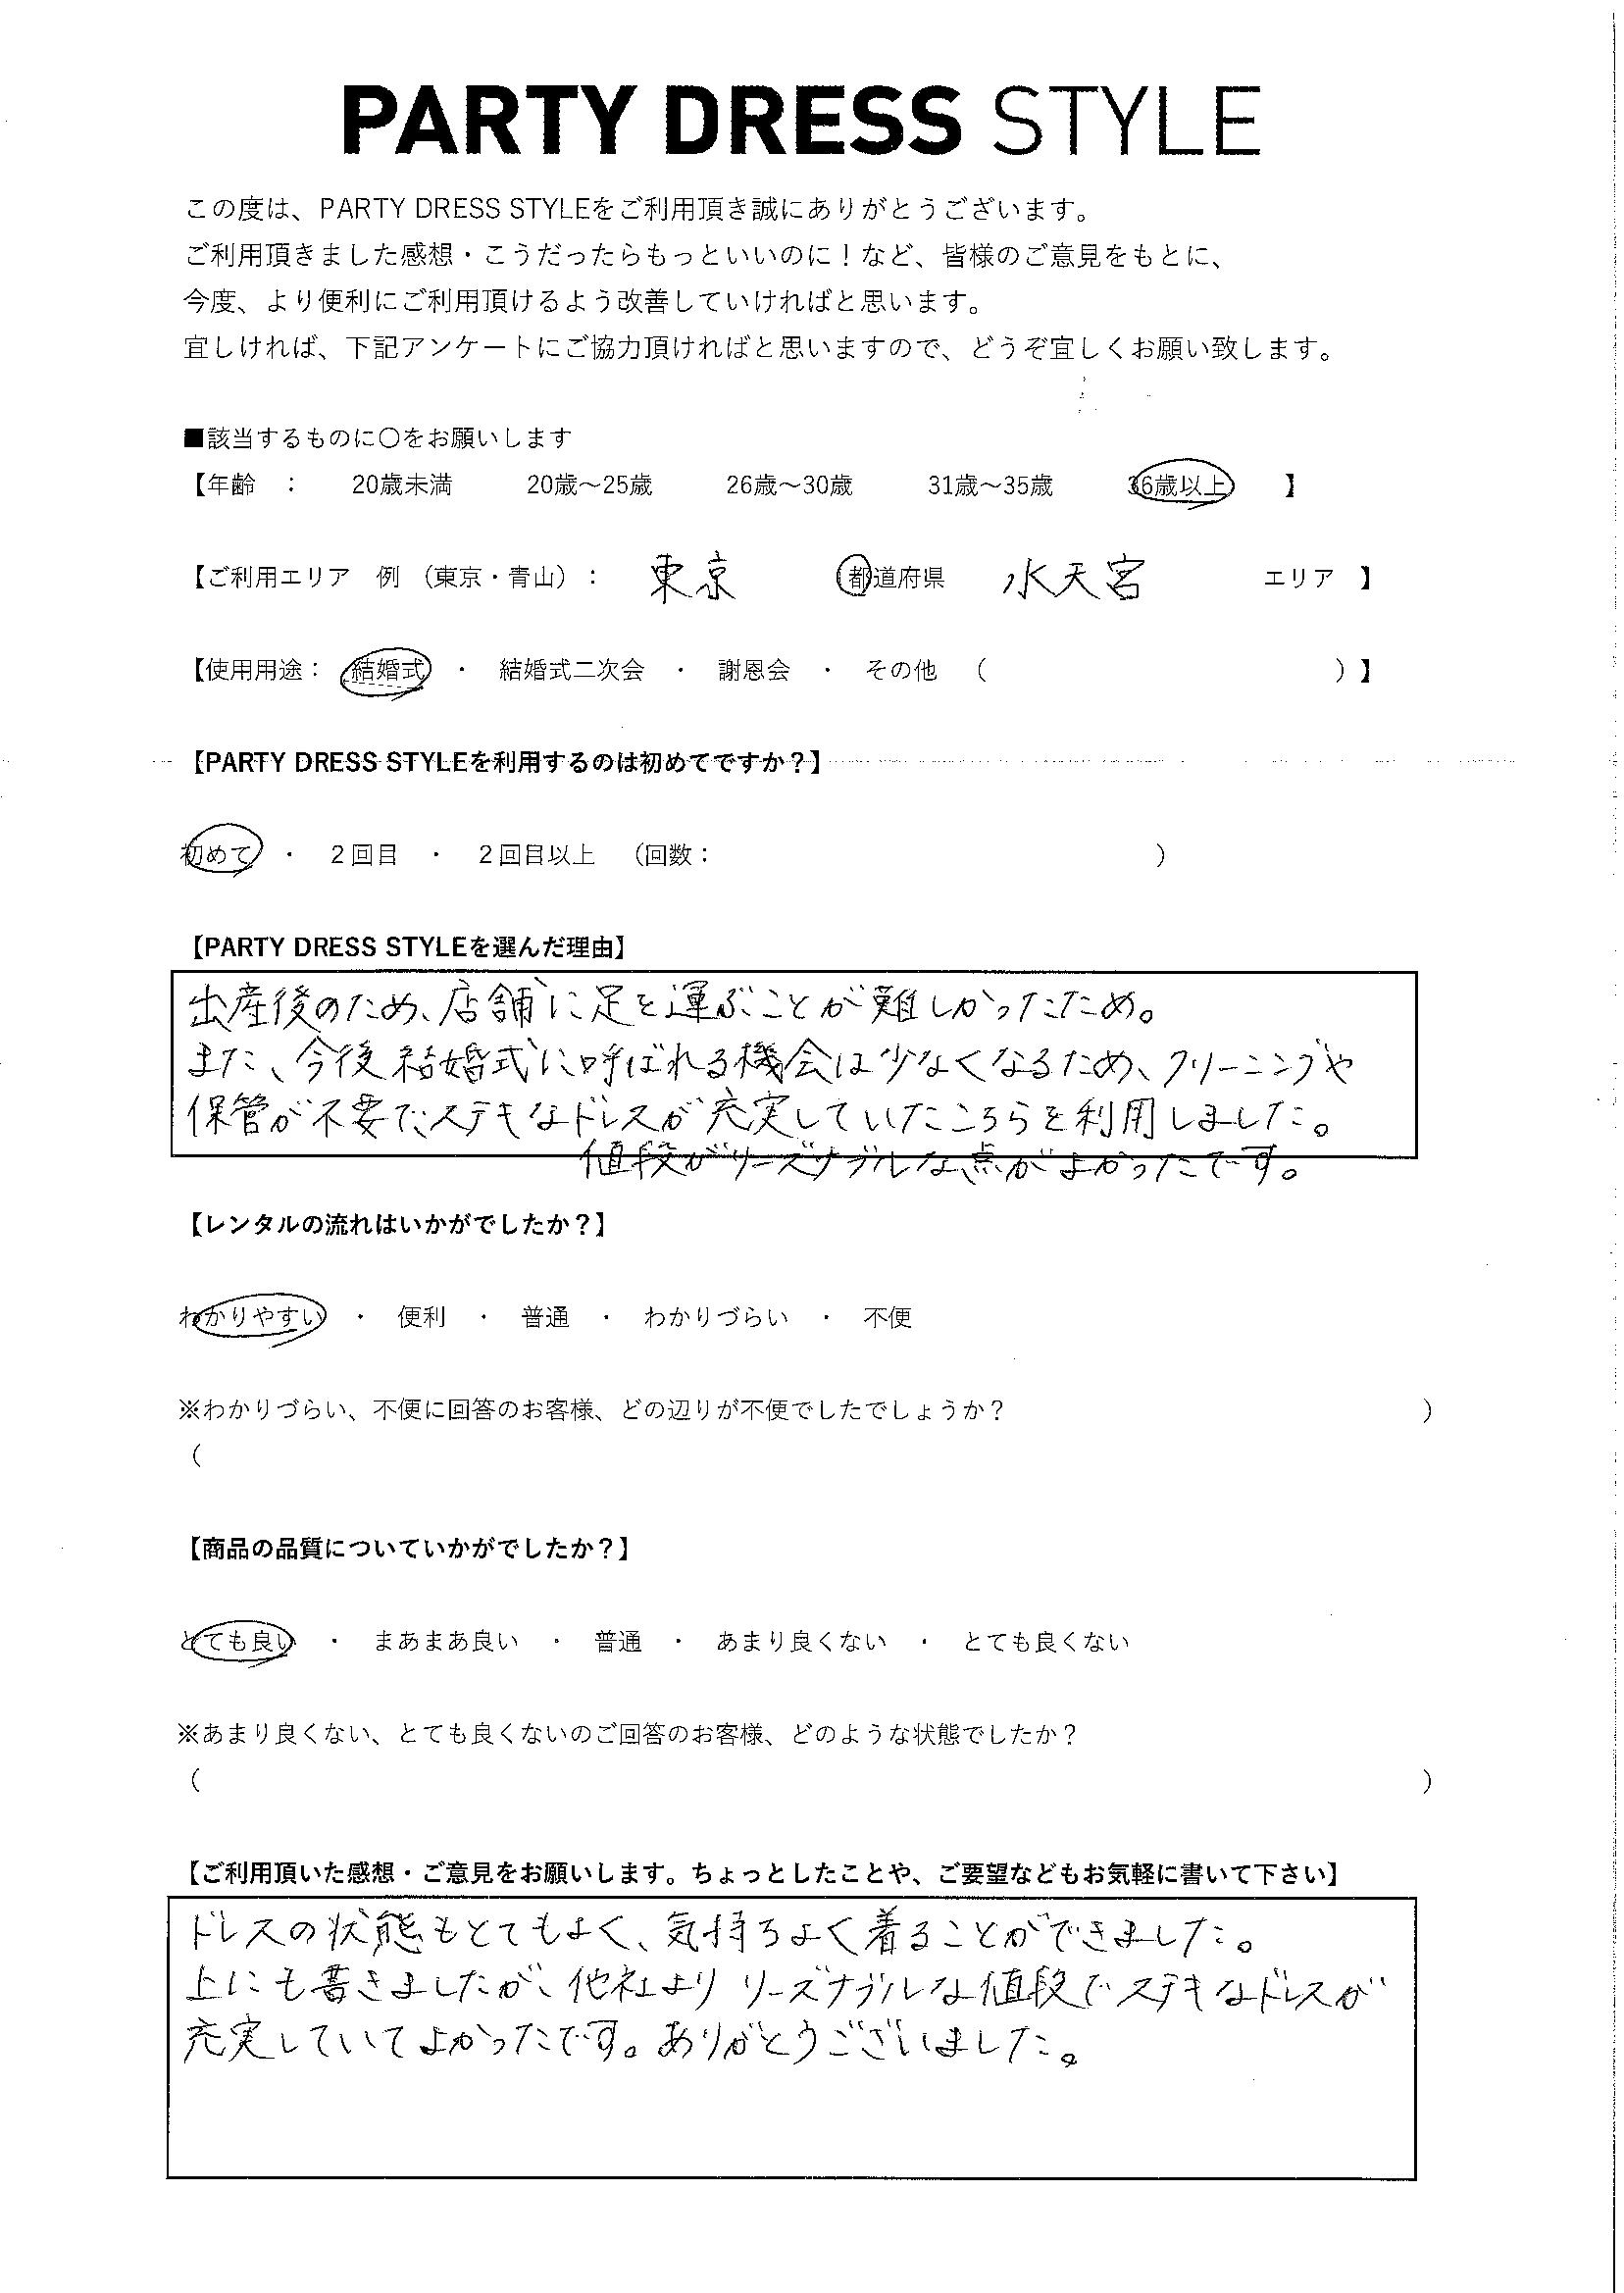 12/21結婚式ご利用 東京・水天宮エリア